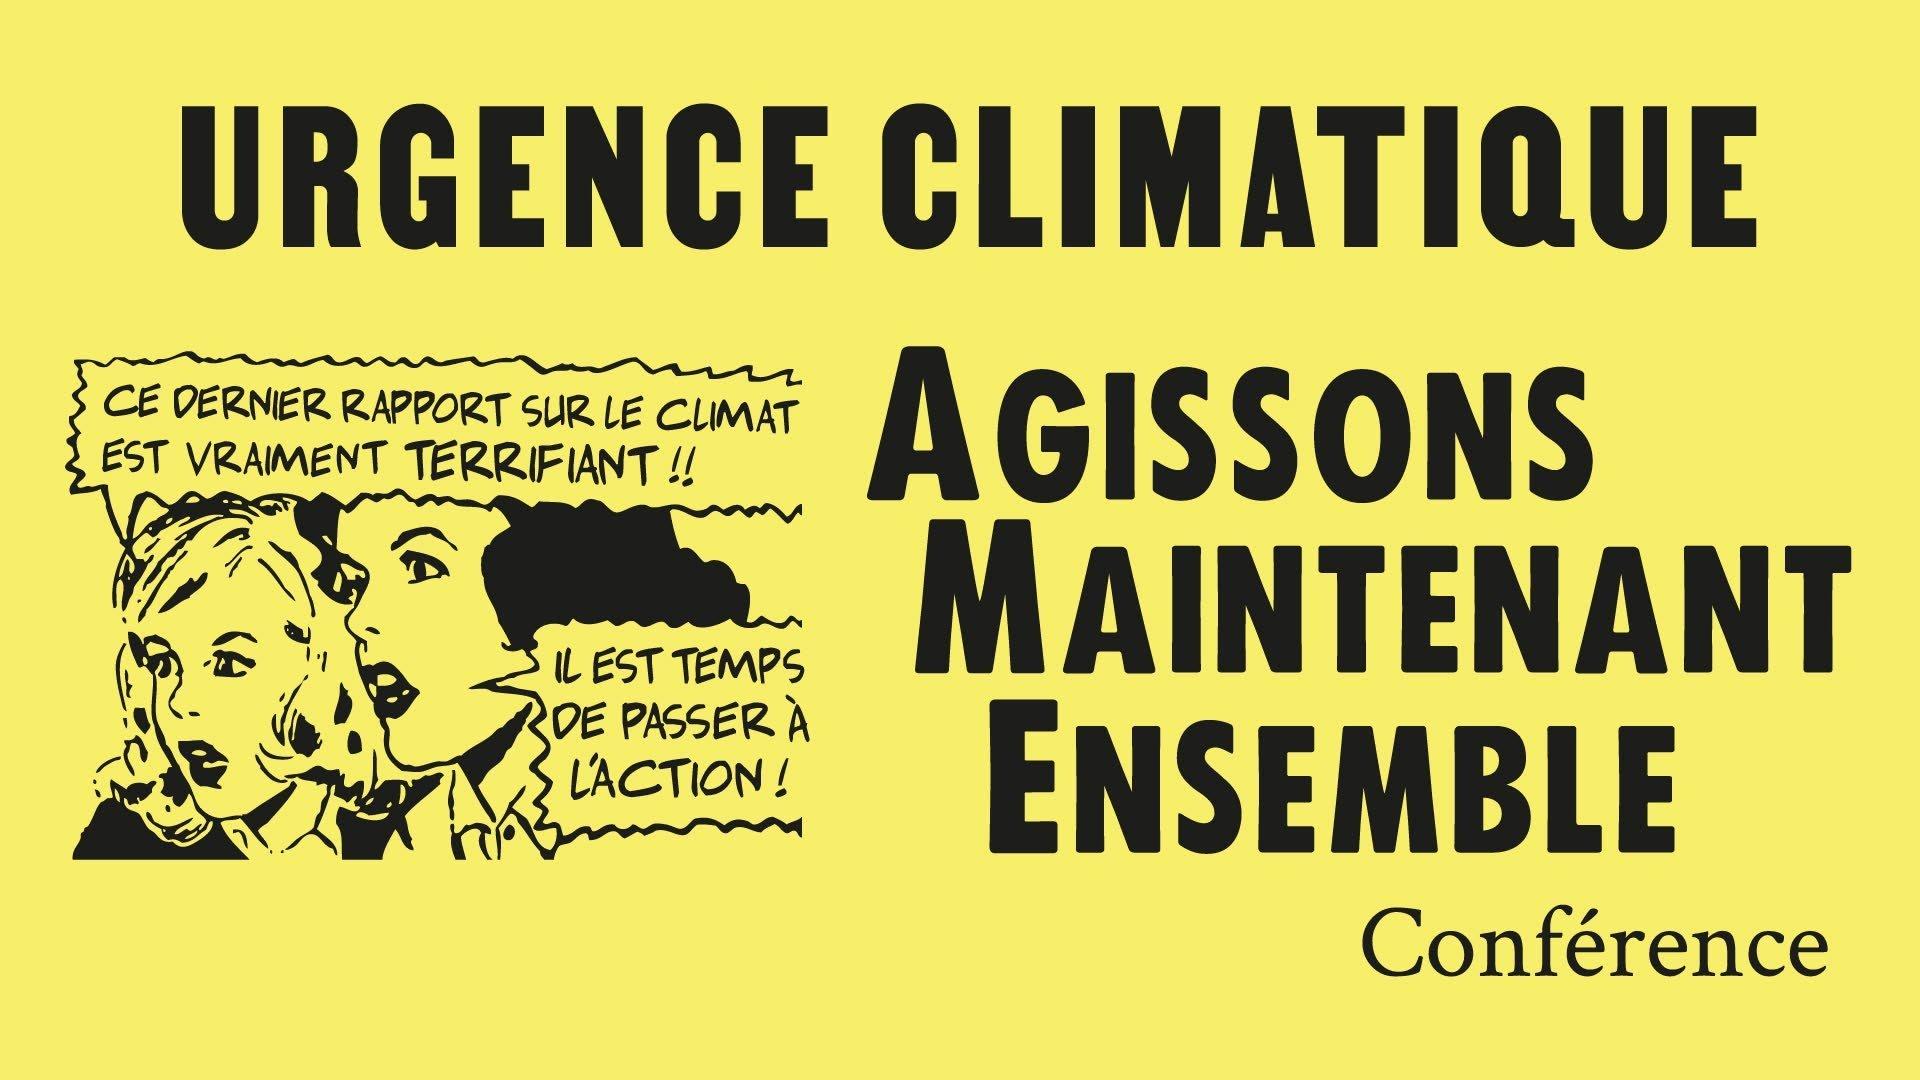 Conférence – Urgence climatique: Agissons Maintenant Ensemble